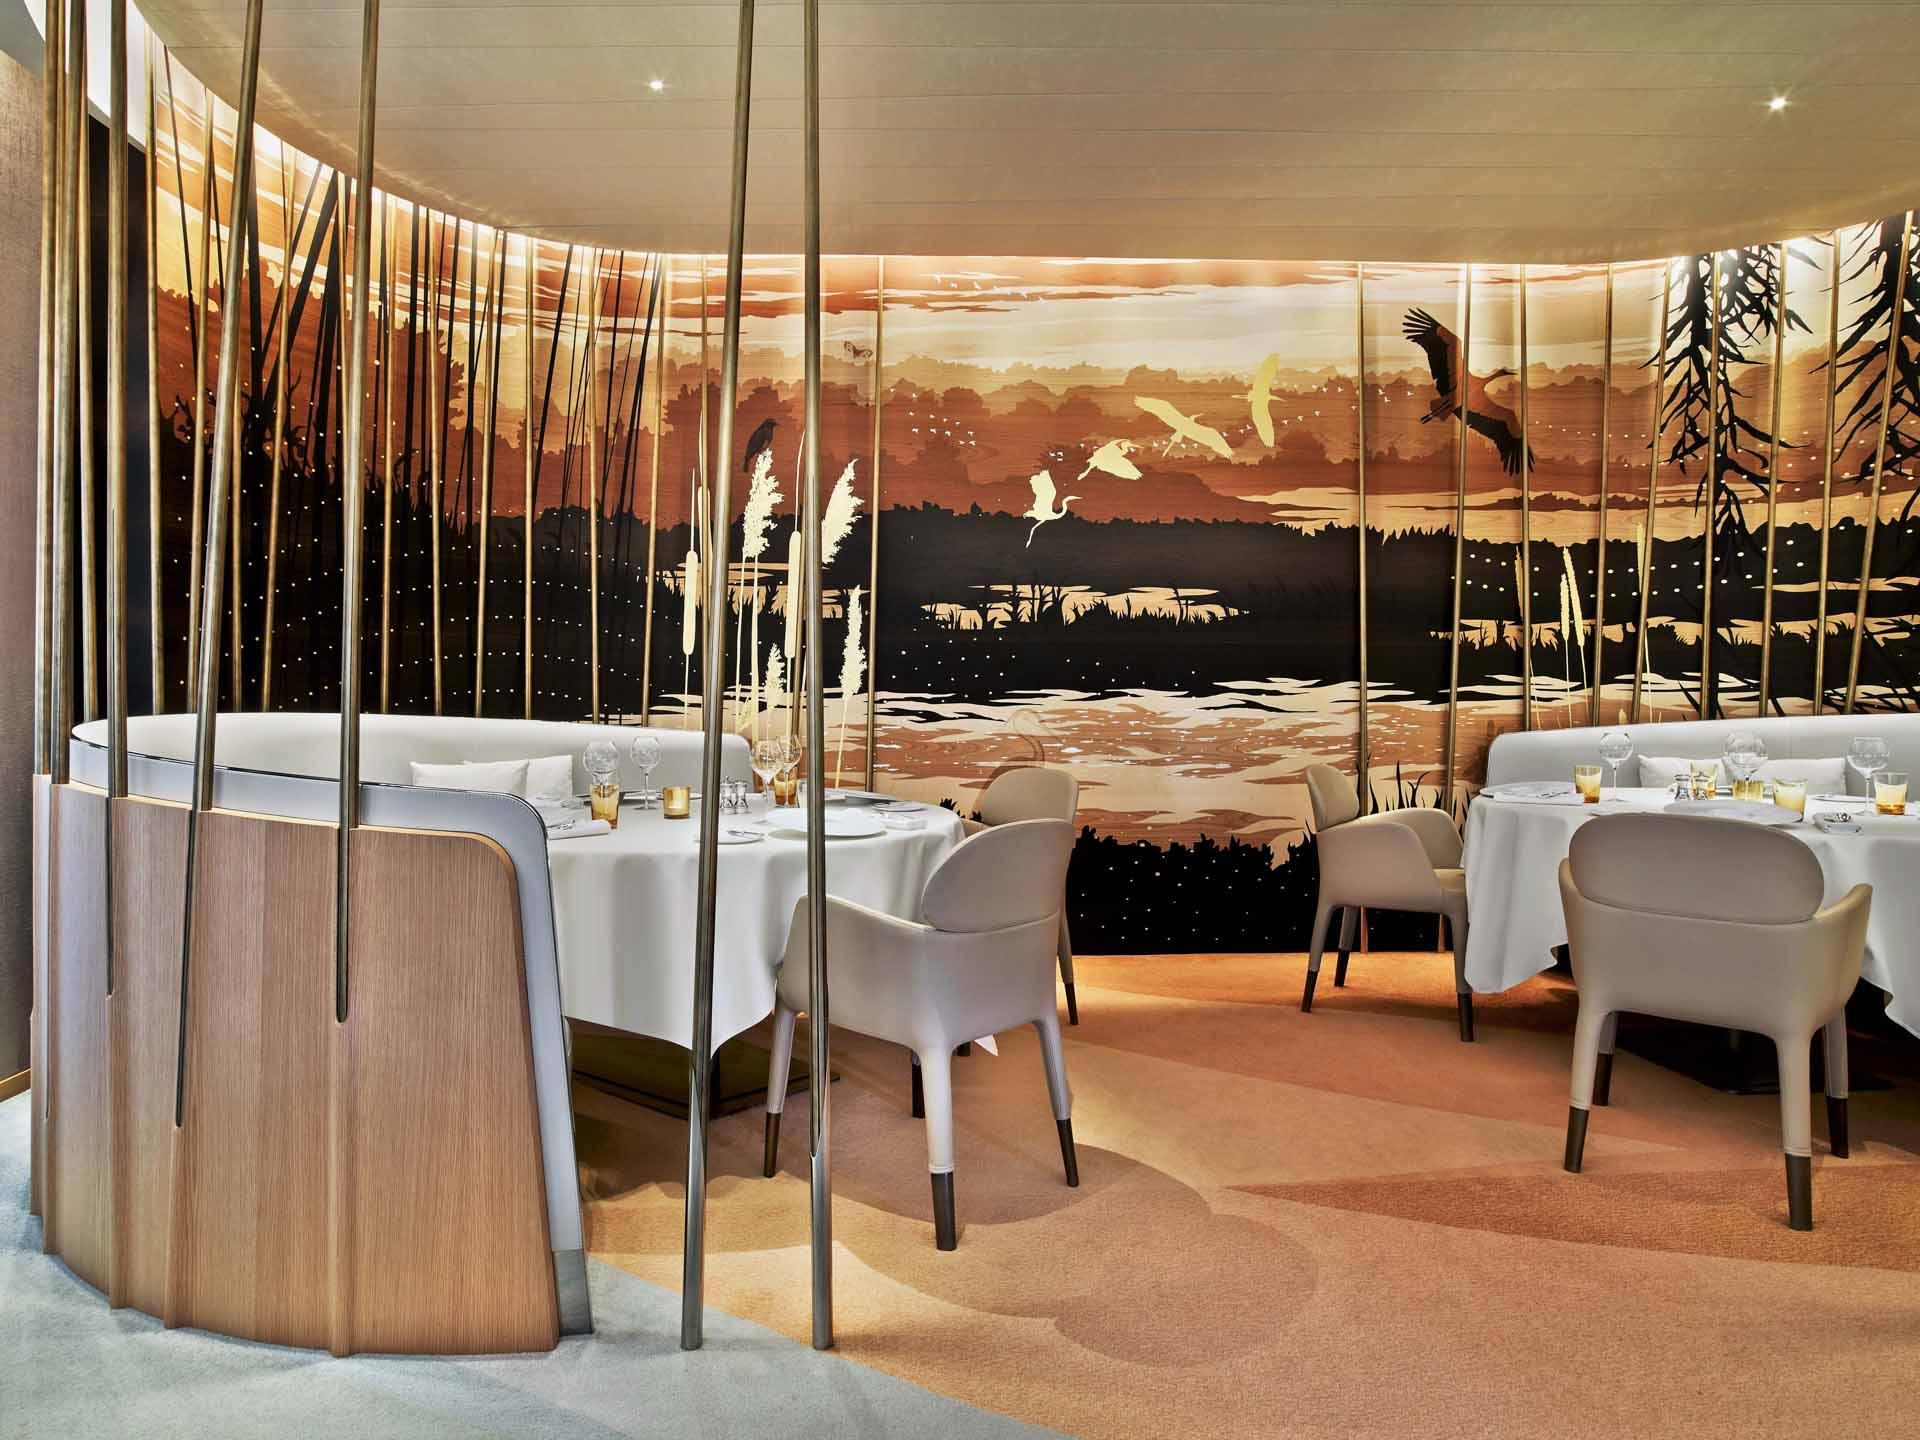 Le restaurant gastronomique de l'Hôtel des Berges de la famille Haeberlin © DR